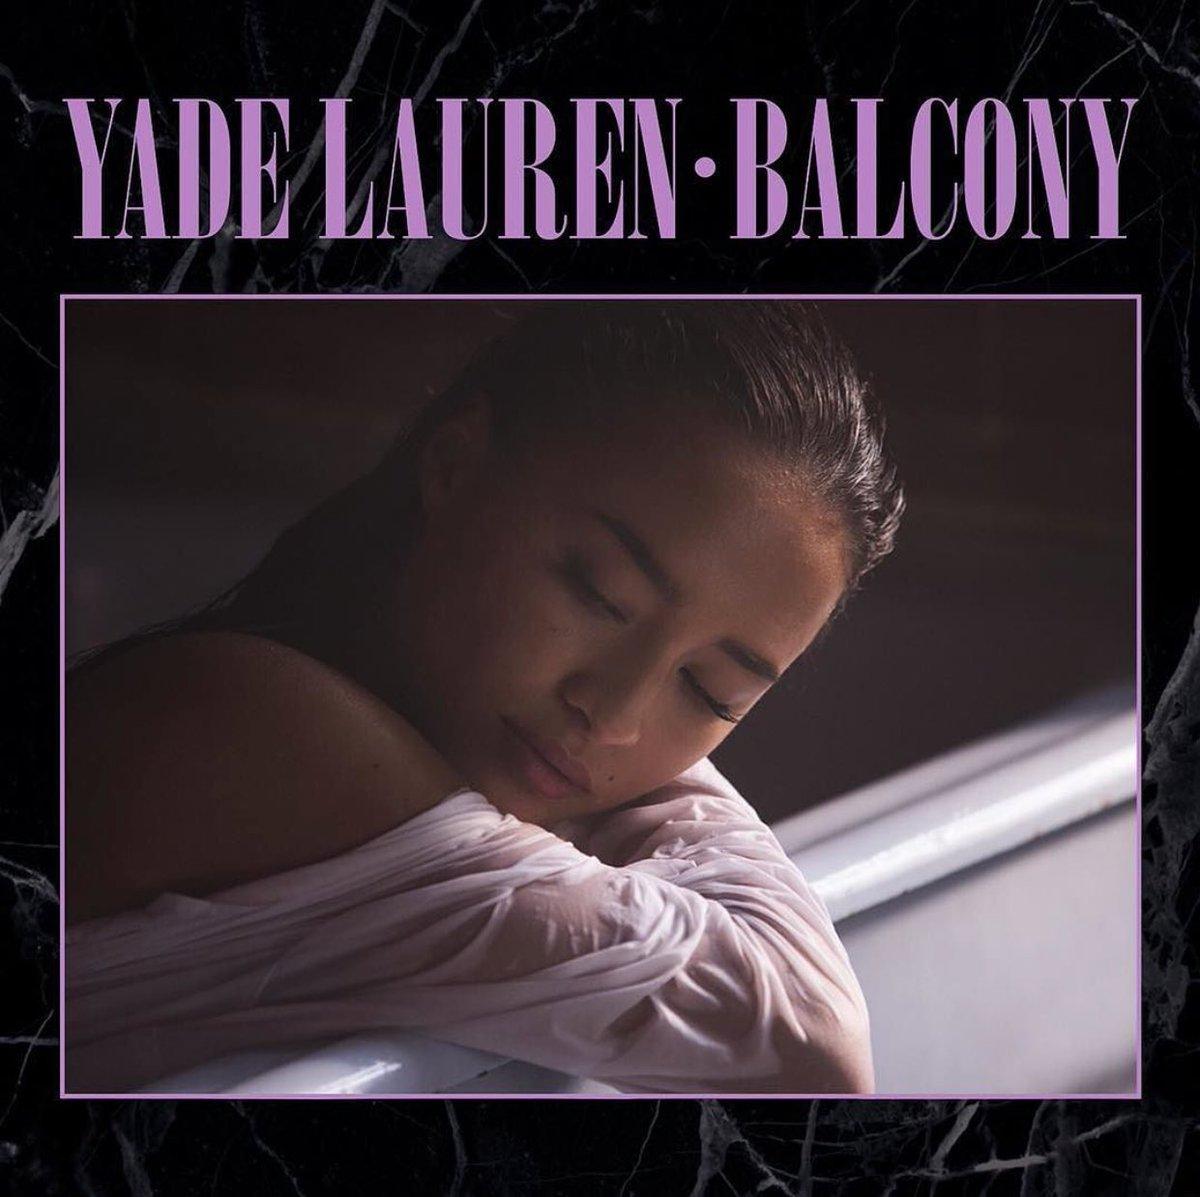 Yade lauren yadelauren twitter yade lauren added la foux lafouxmusic stopboris Images